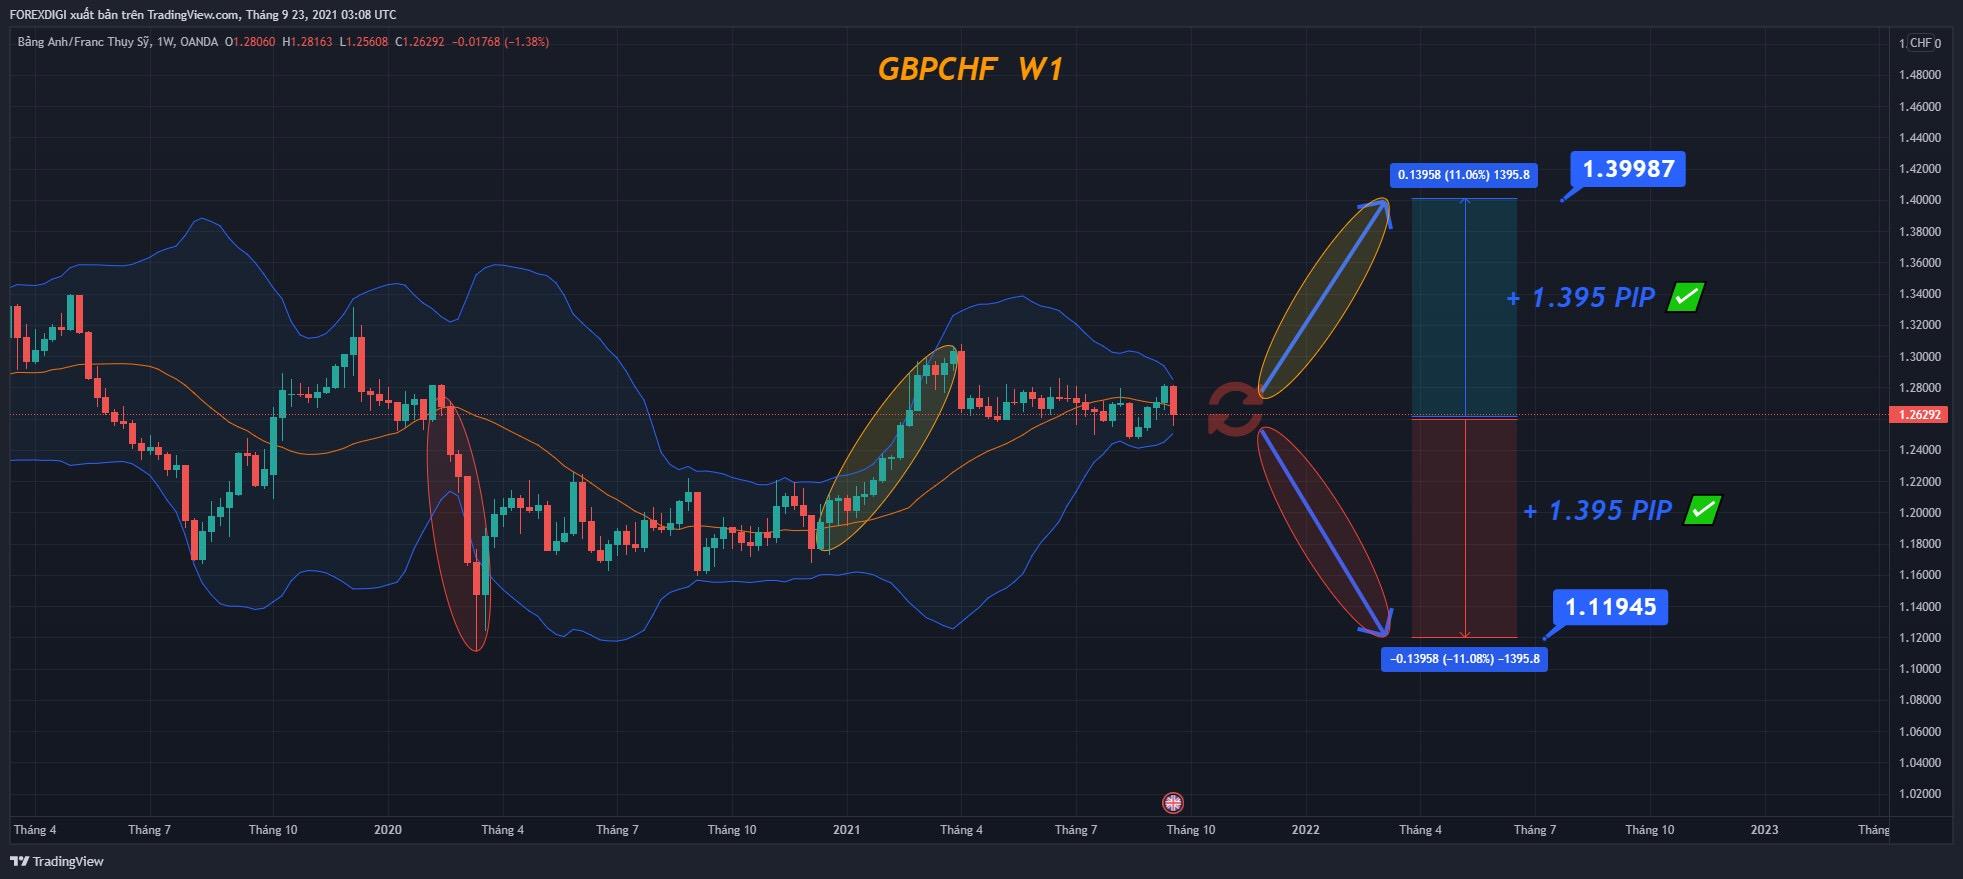 Phân tích giá GBP/CHF: chuẩn bị chạy dài 1395 PIP!